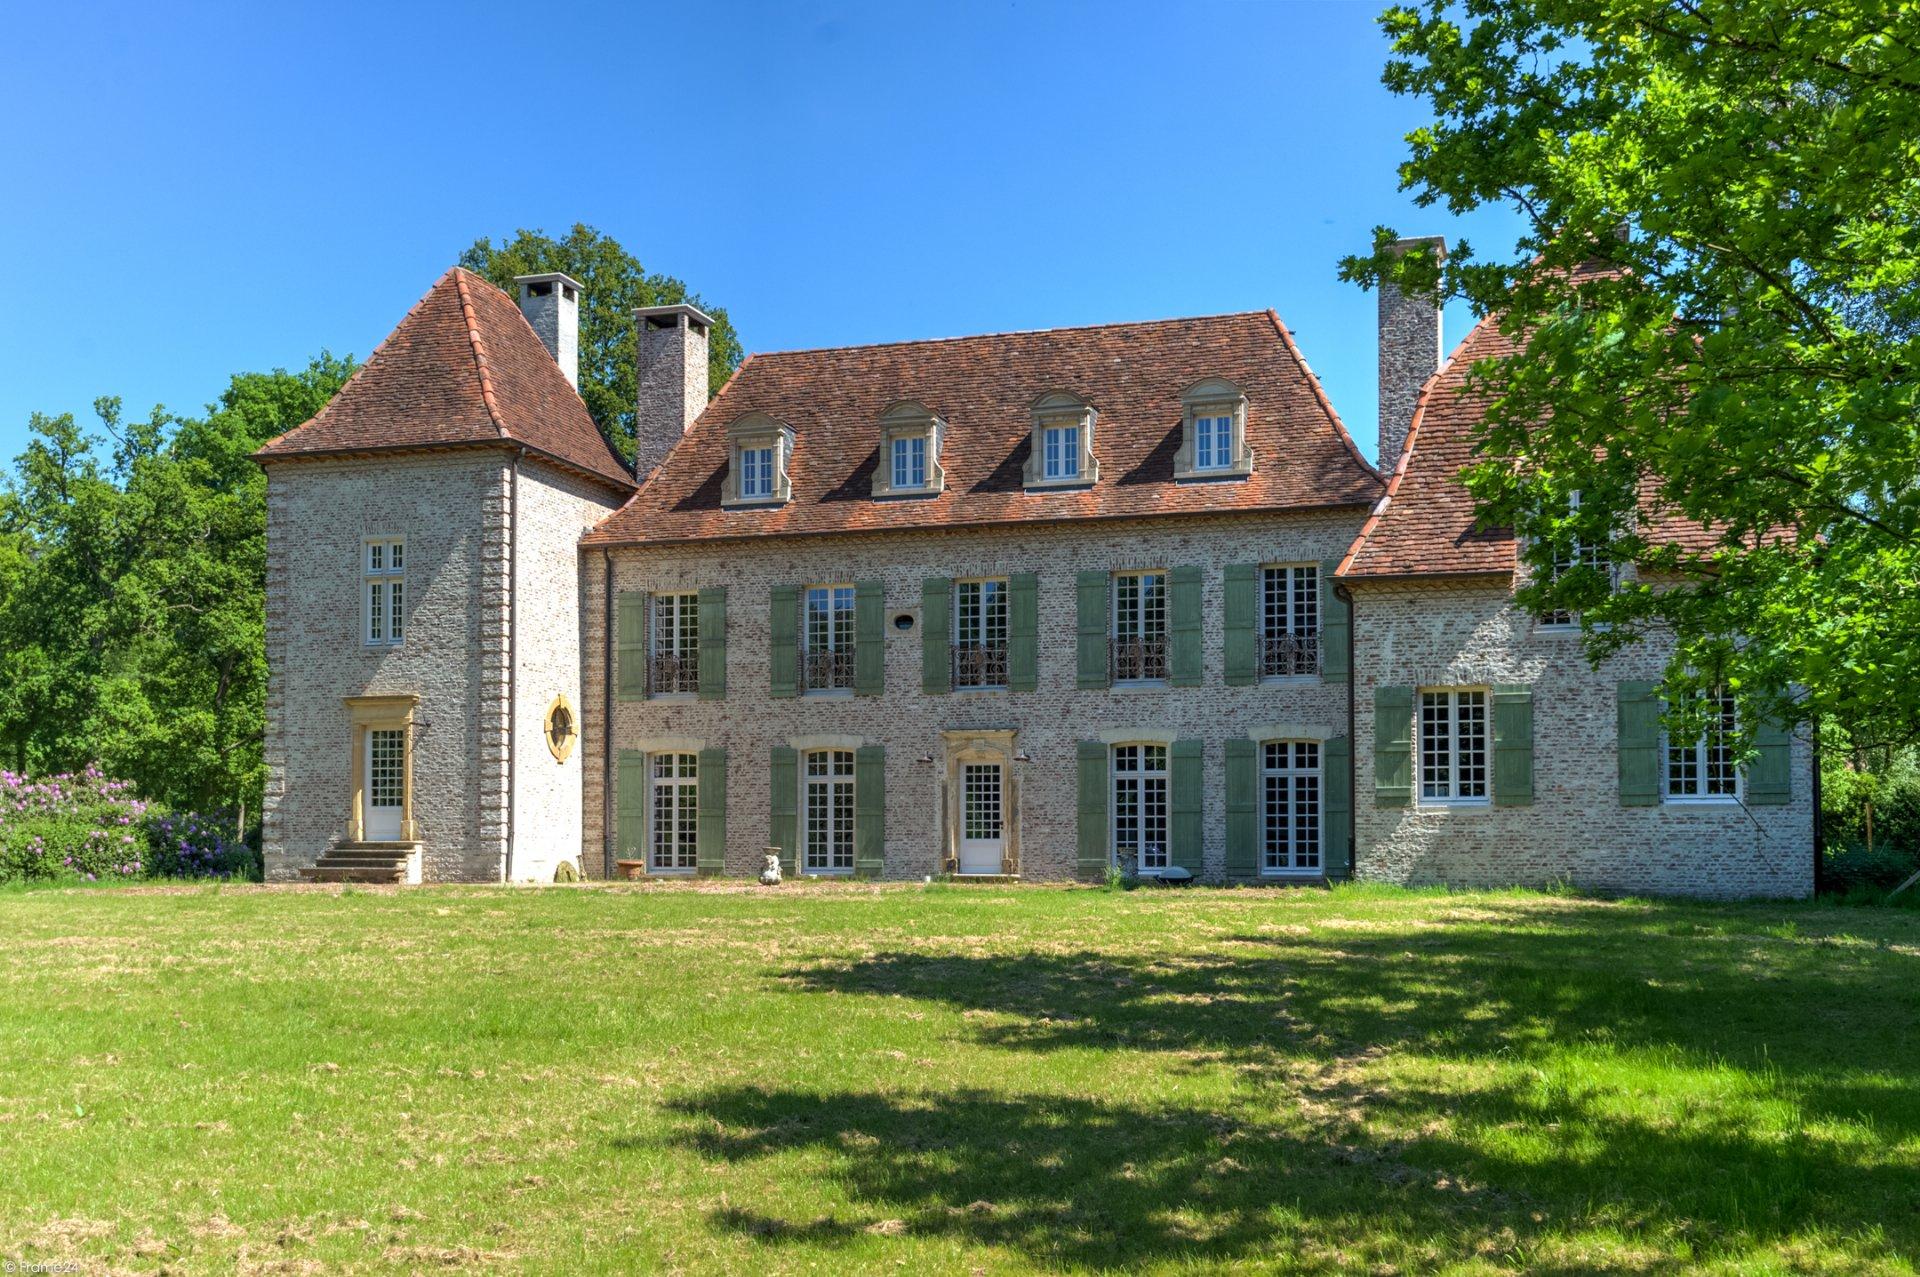 замок фасад окна мансарда